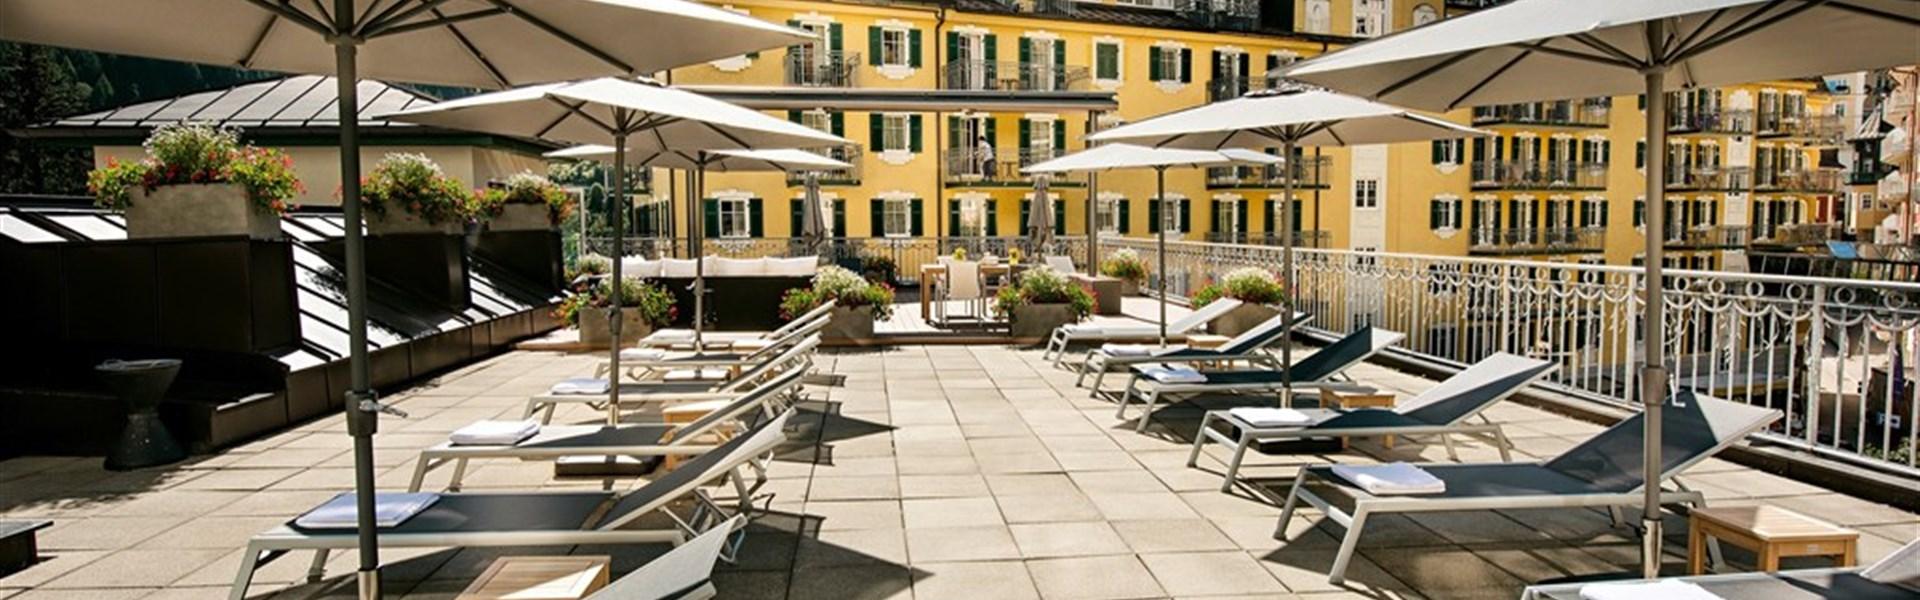 MONDI Hotel Bellevue Gastein S21 -